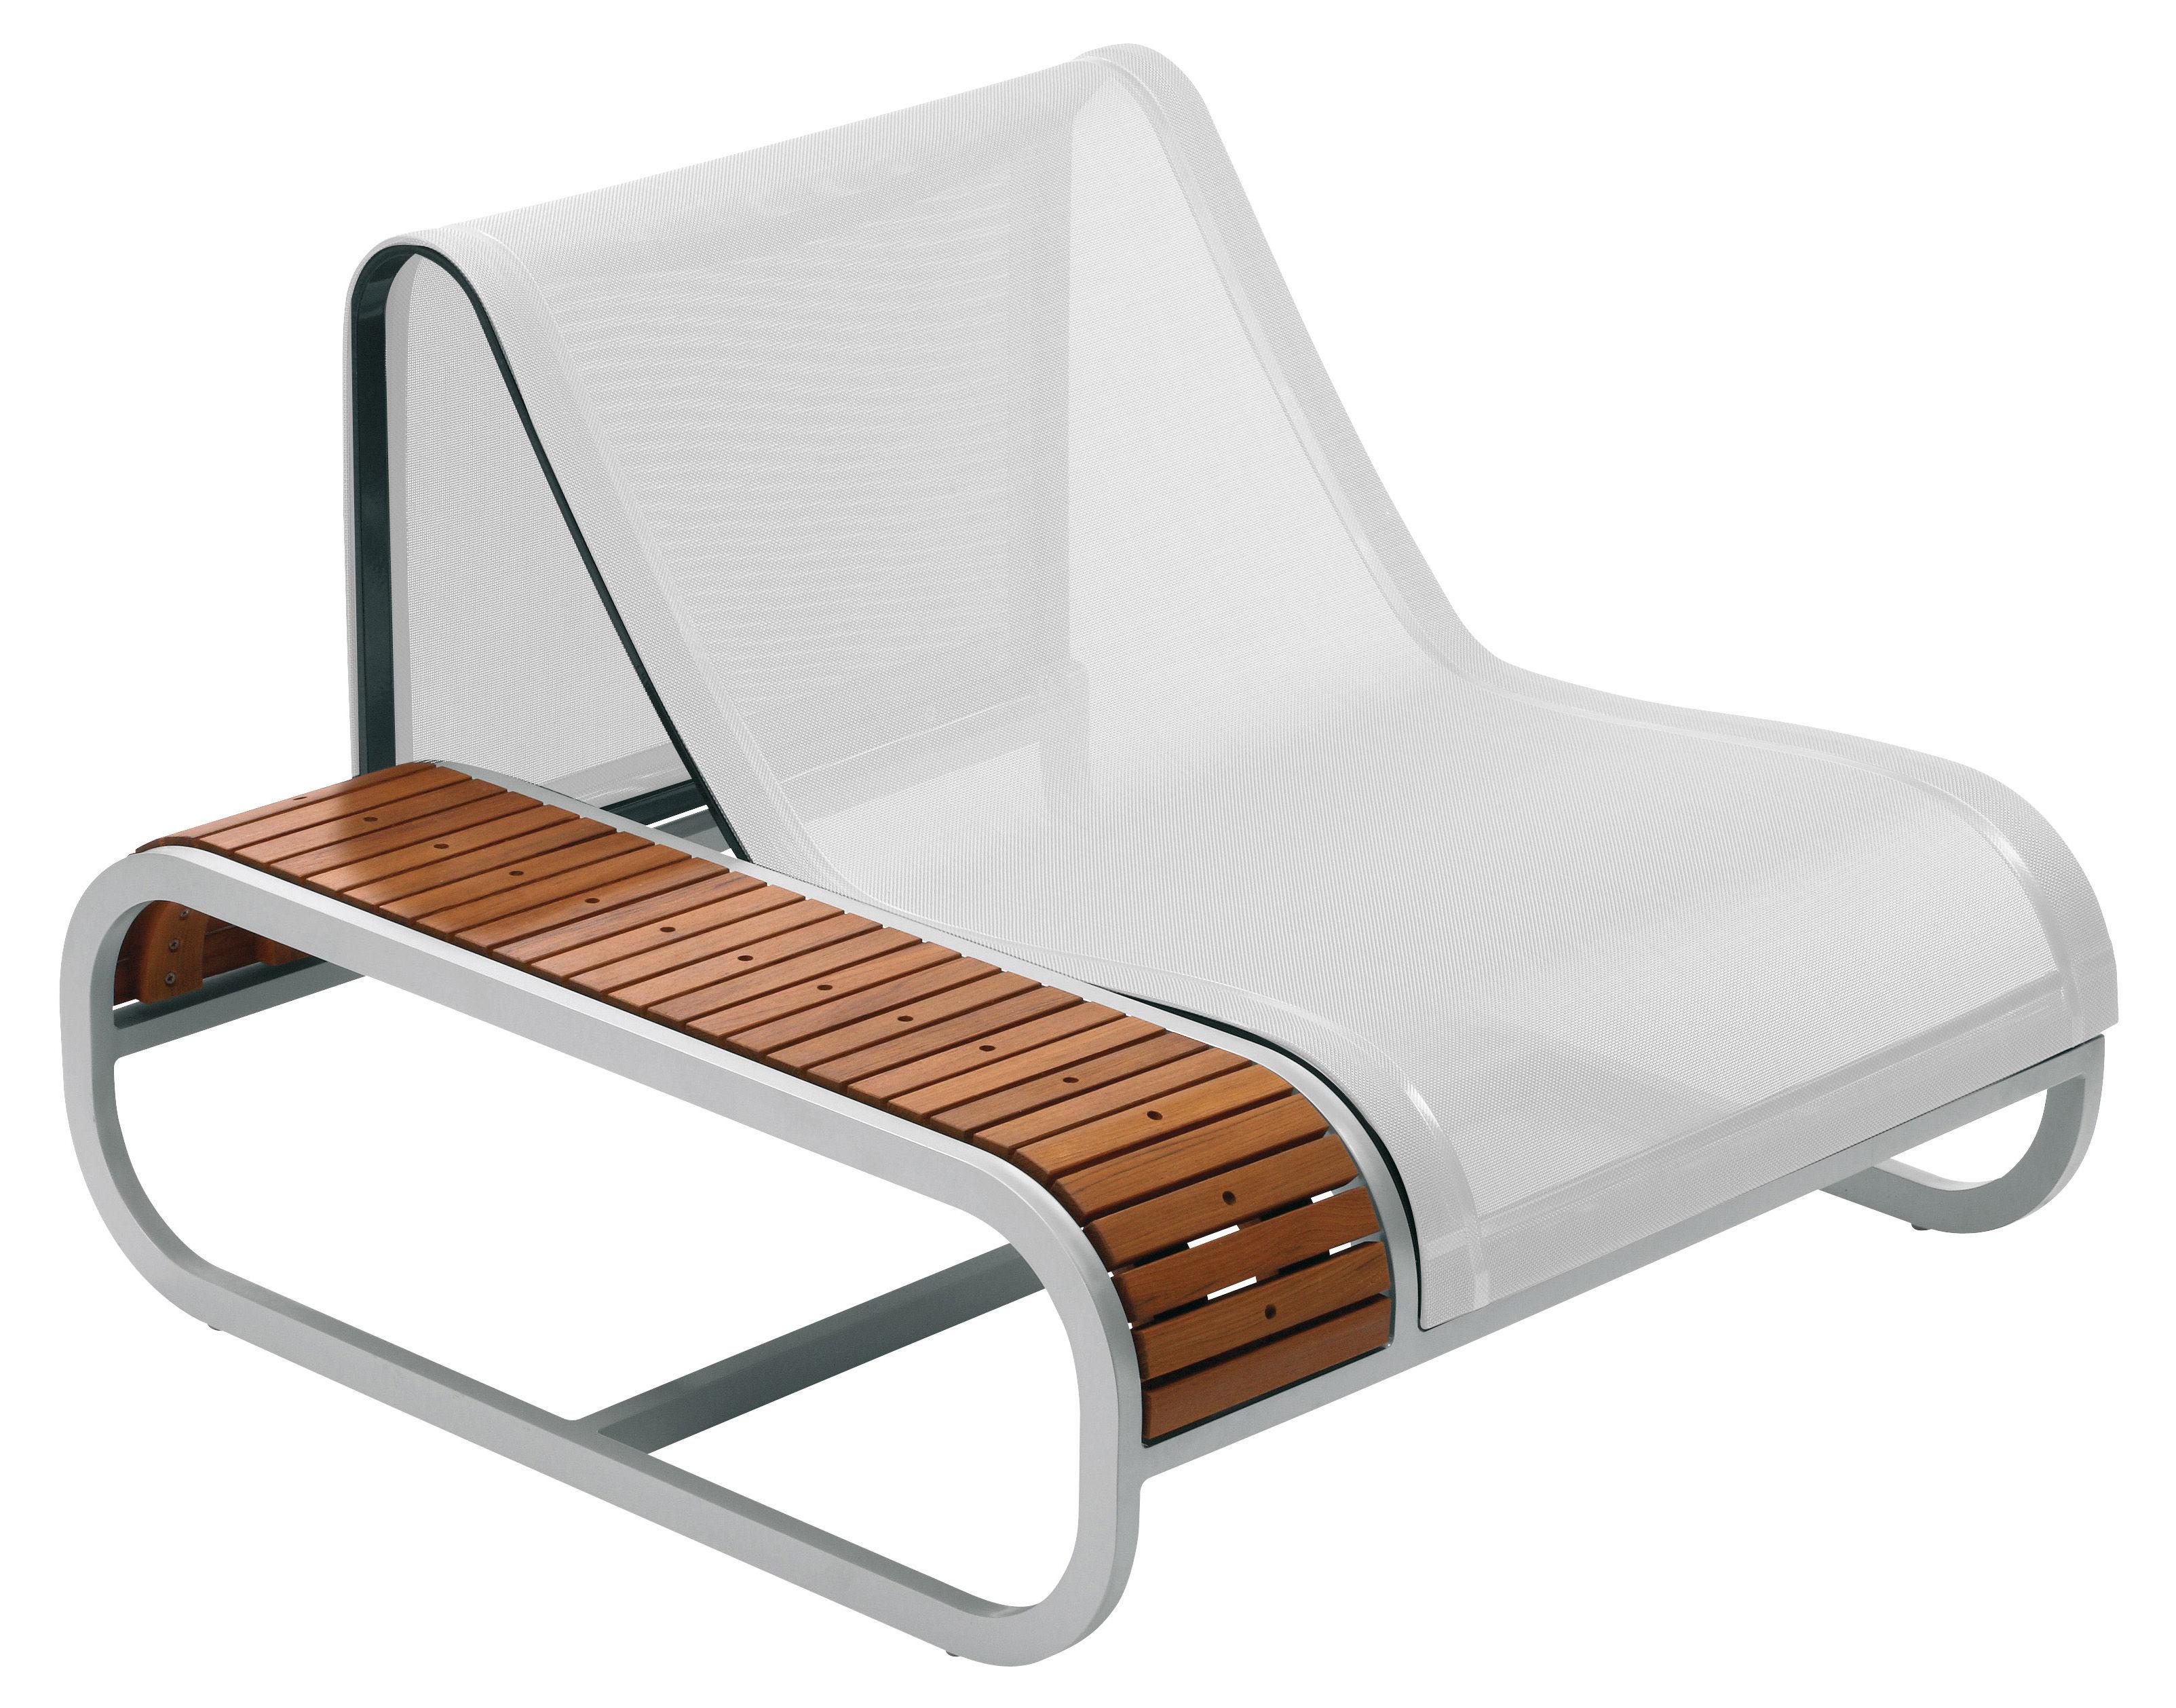 Outdoor - Gartensessel - Tandem Lounge Sessel Teak-Ausführung - Armlehne rechts - EGO Paris - Teak / Bezug weiß - Batyline® Bespannung, lackiertes Aluminium, Teakholz